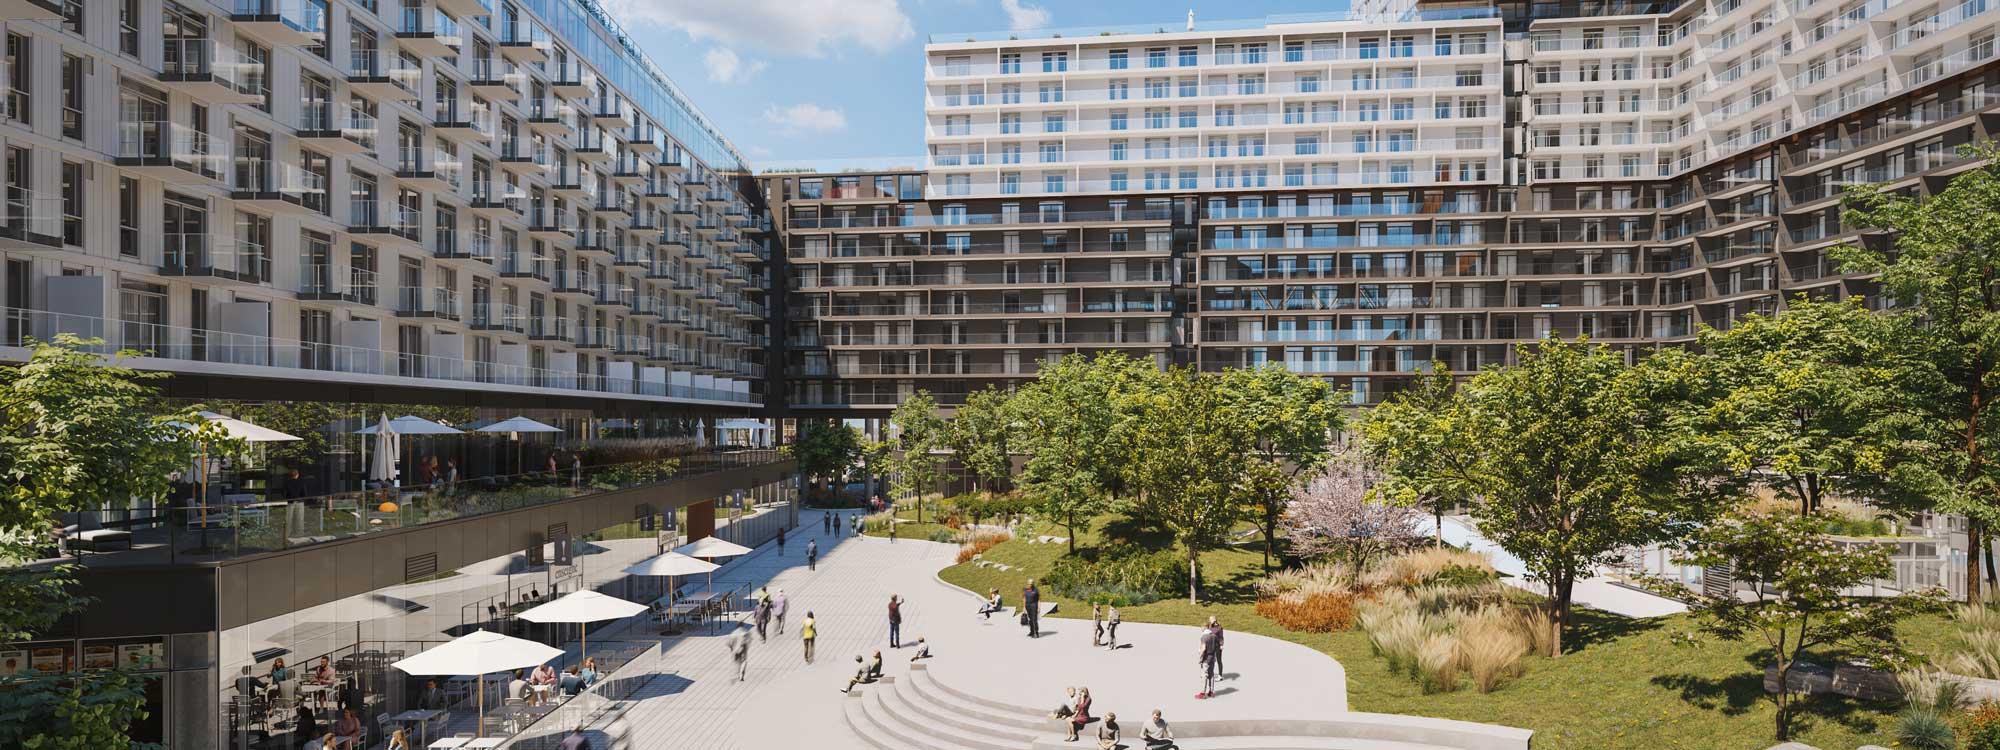 EspaceMontmorency_Courtyard.jpg